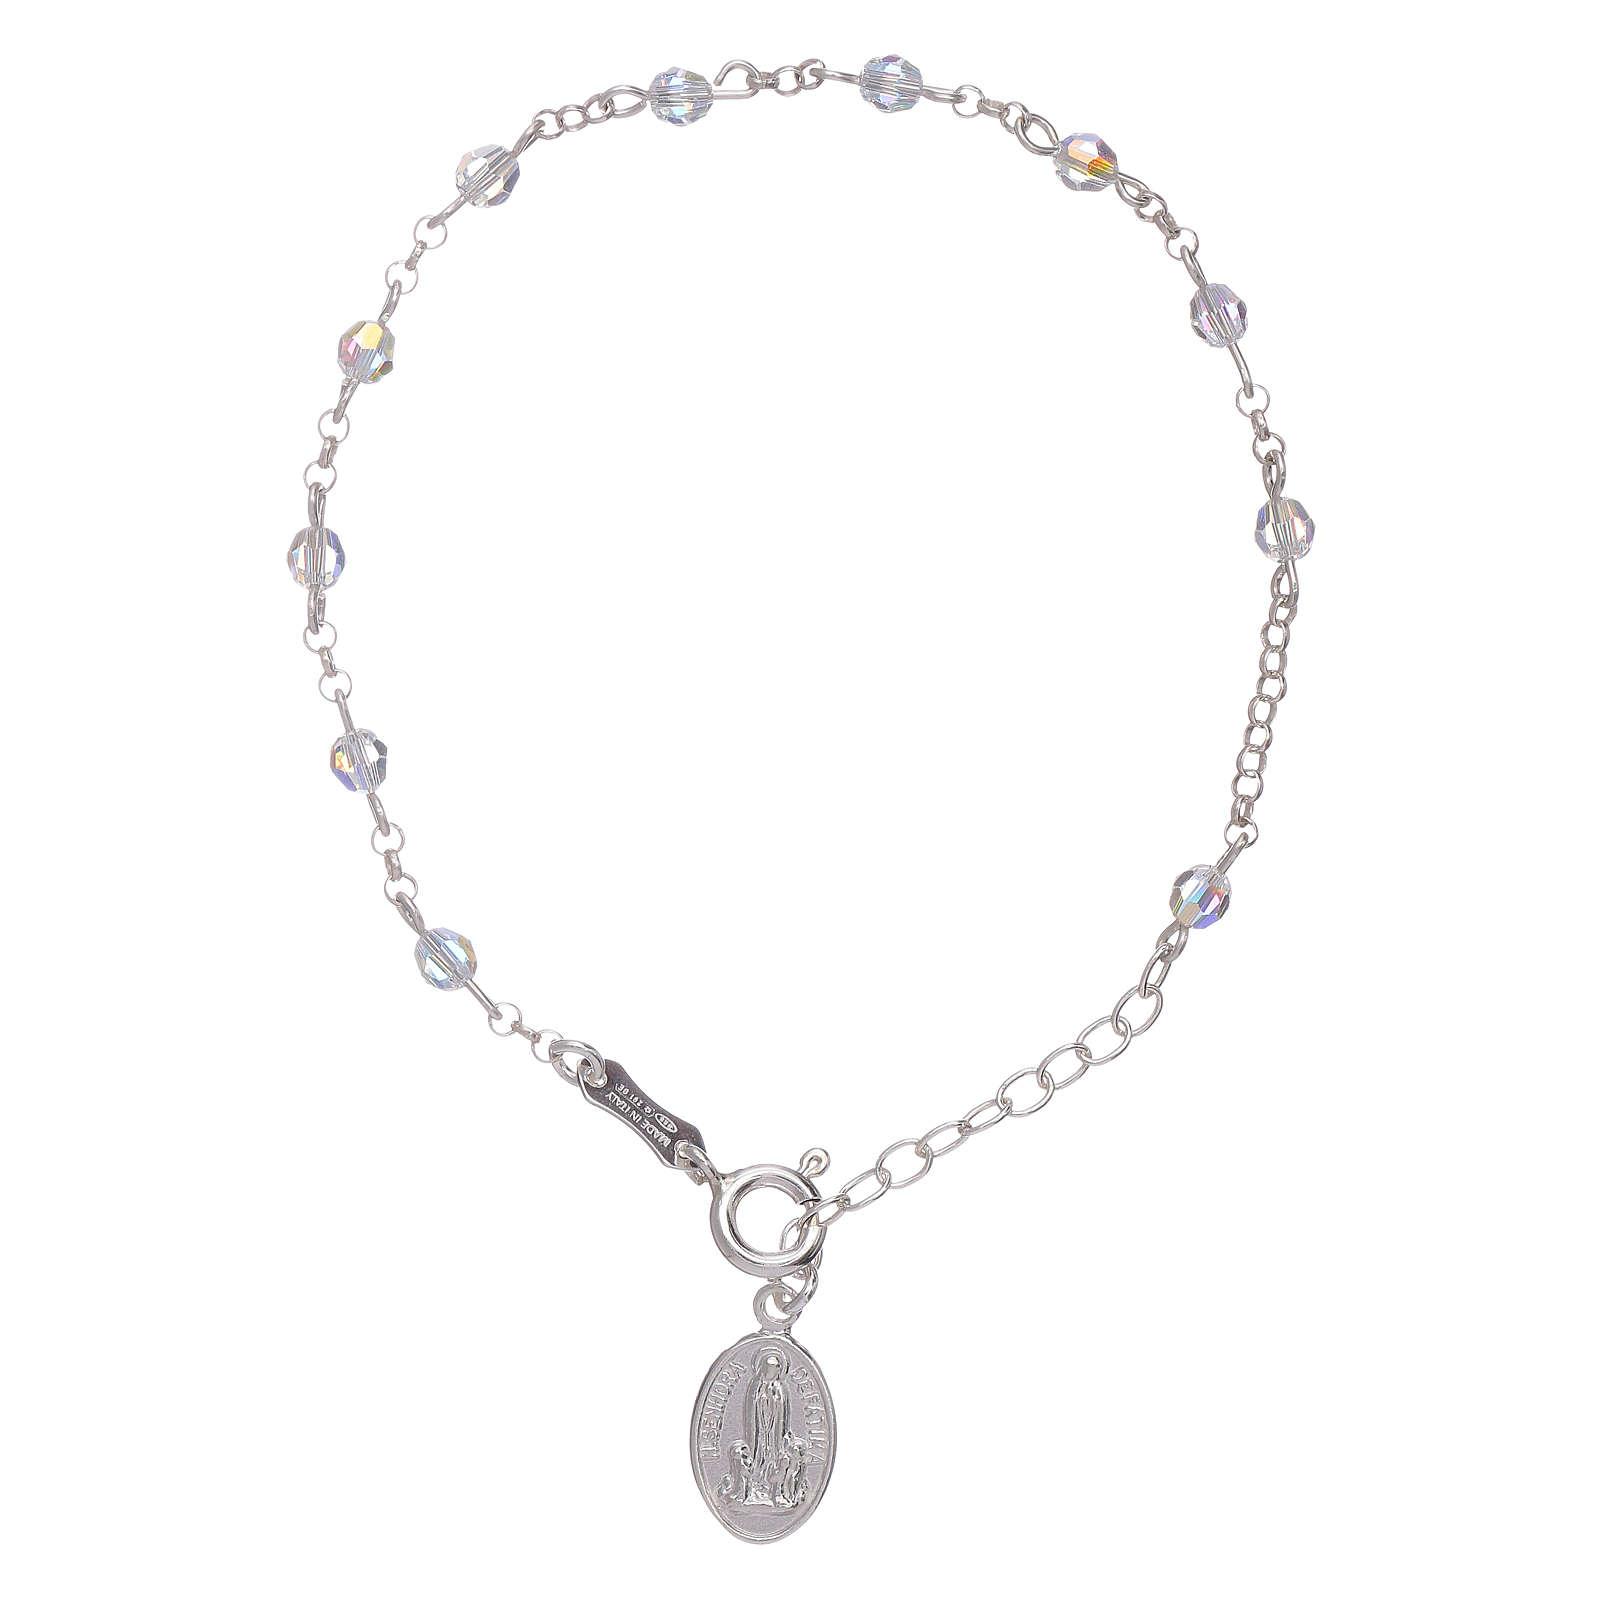 Pulsera plata 925 y esferas Swarovski Virgen de Fátima 4